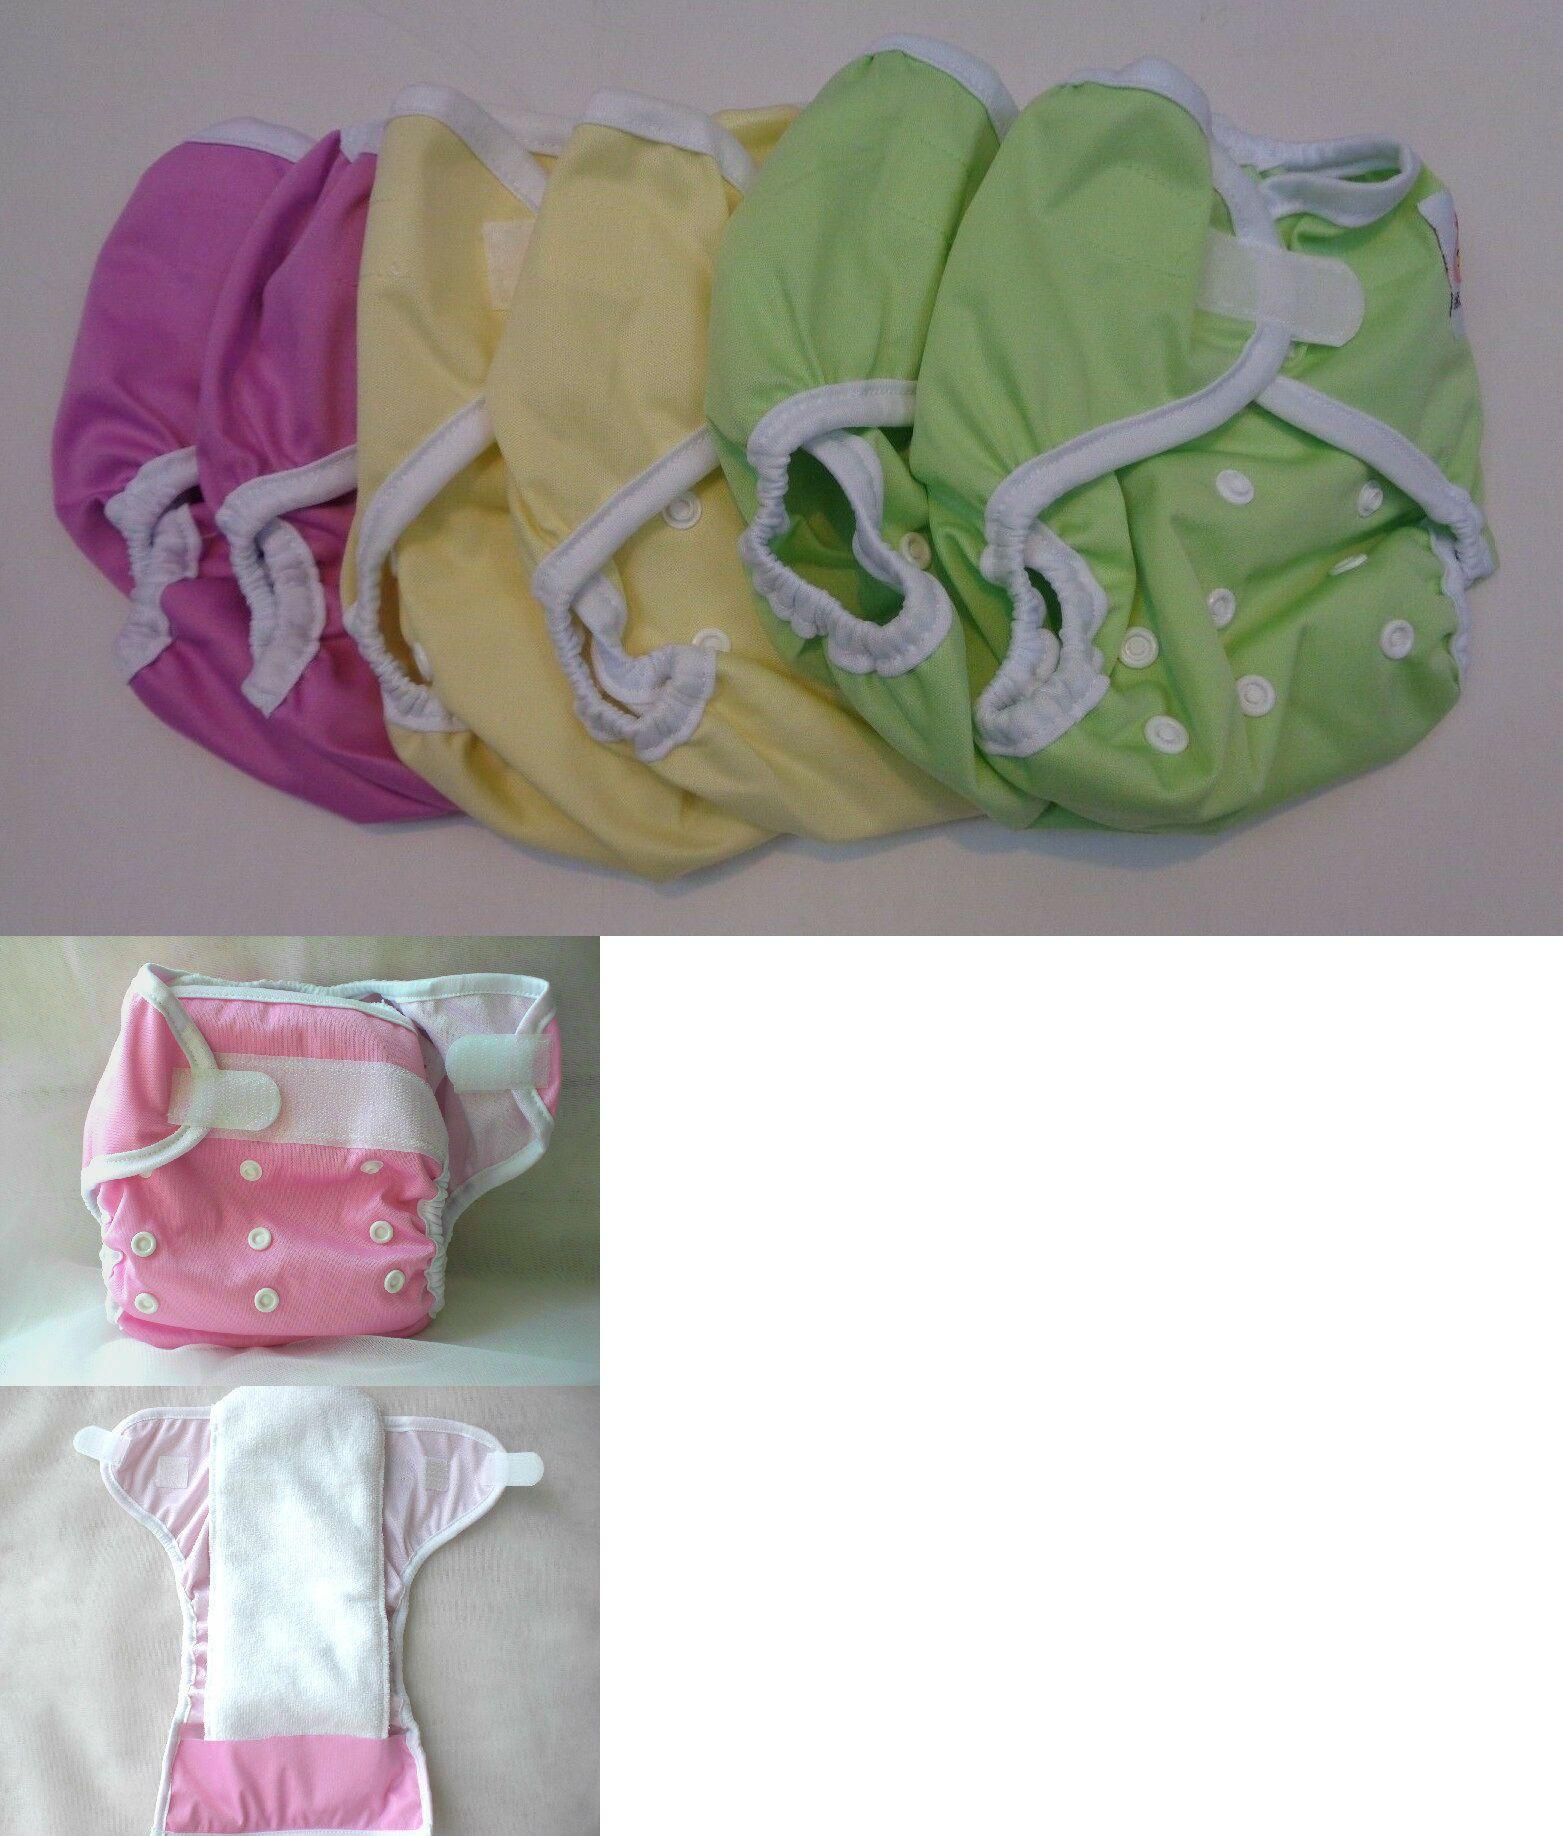 Lot of 6 Kawaii One Size Happy Leak-Free Hook /& Loop Diaper Covers